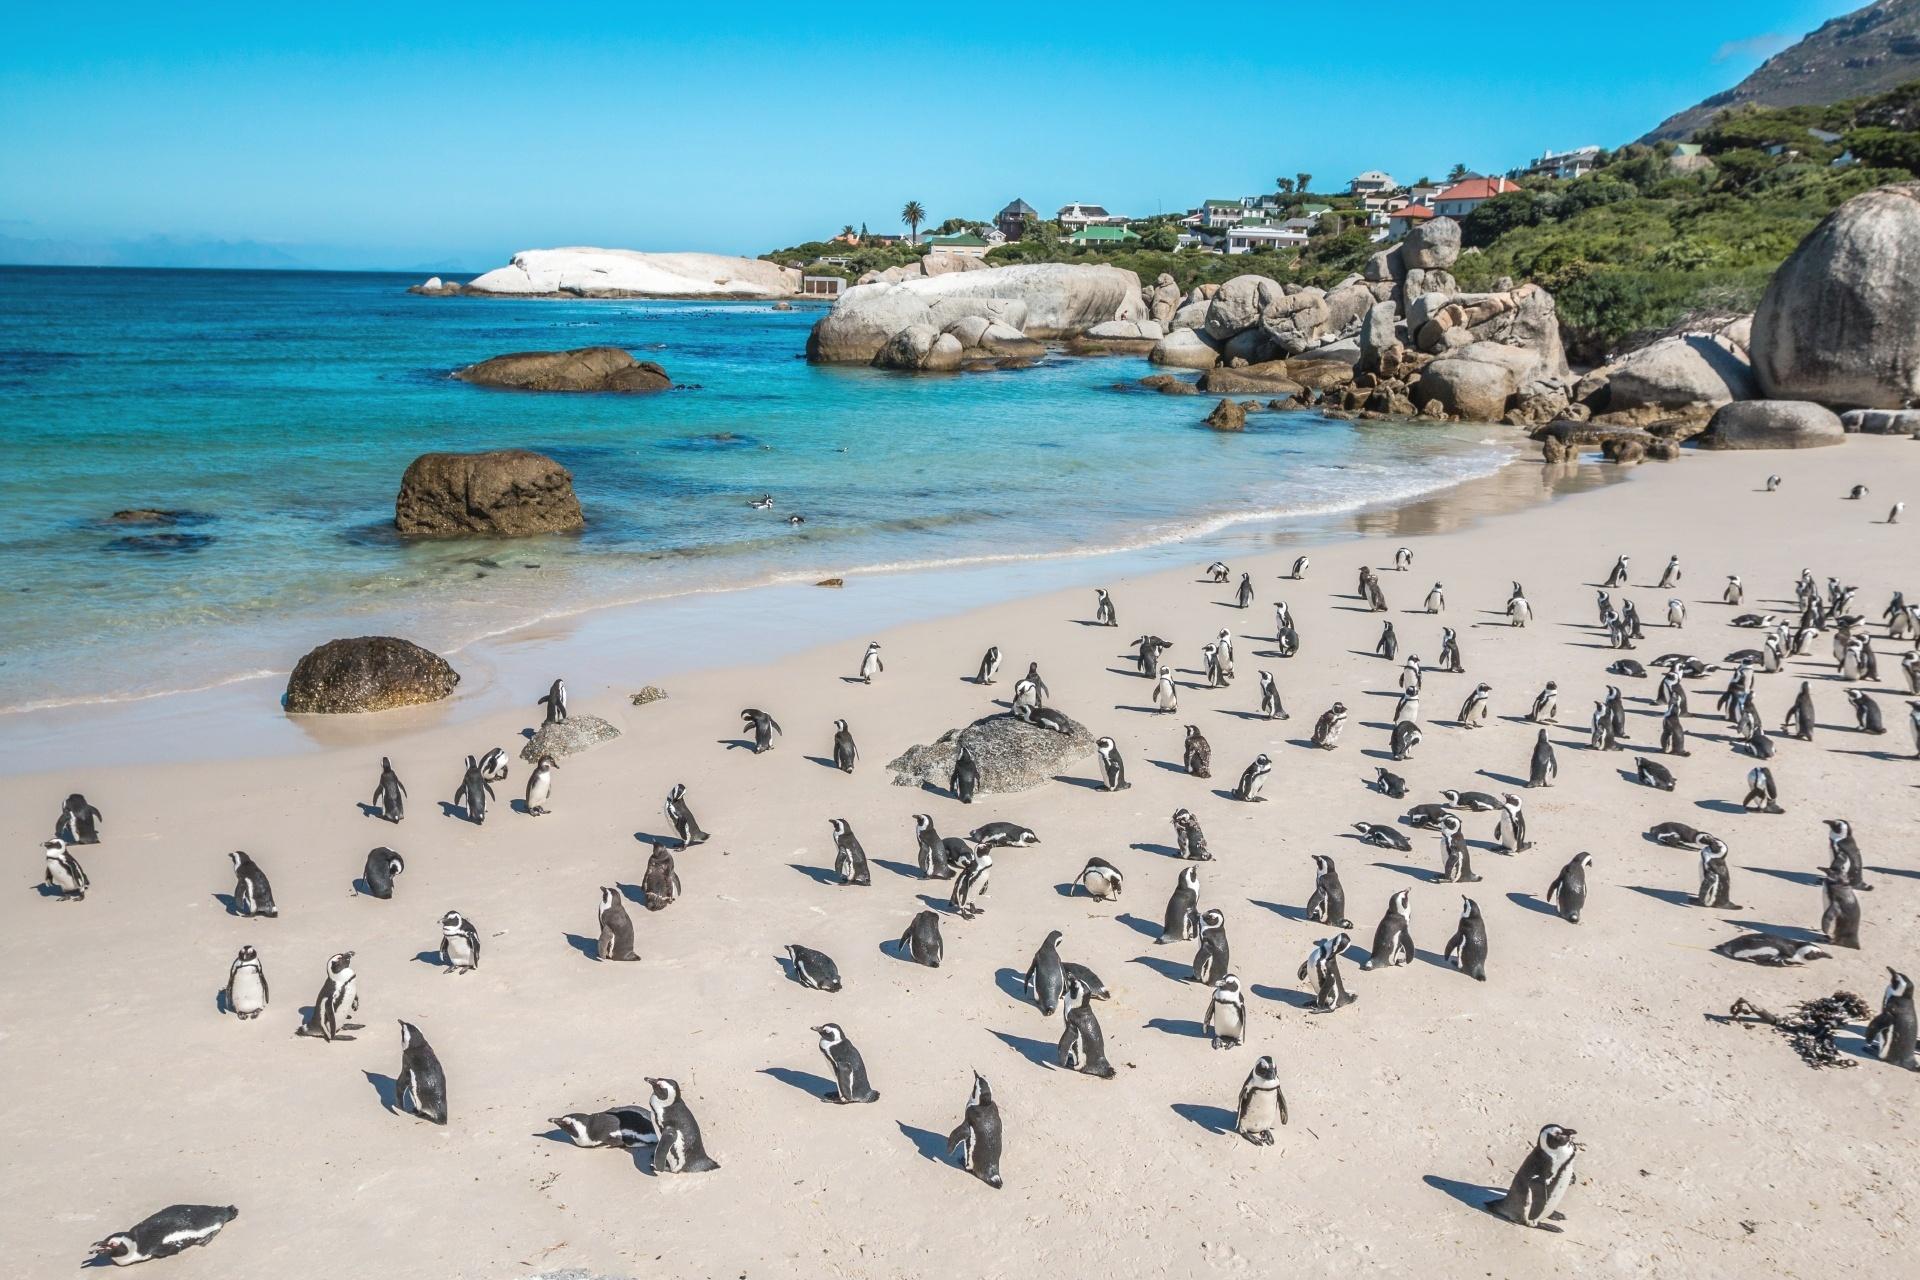 ボウルダーズ・ペンギン・コロニー 南アフリカの風景